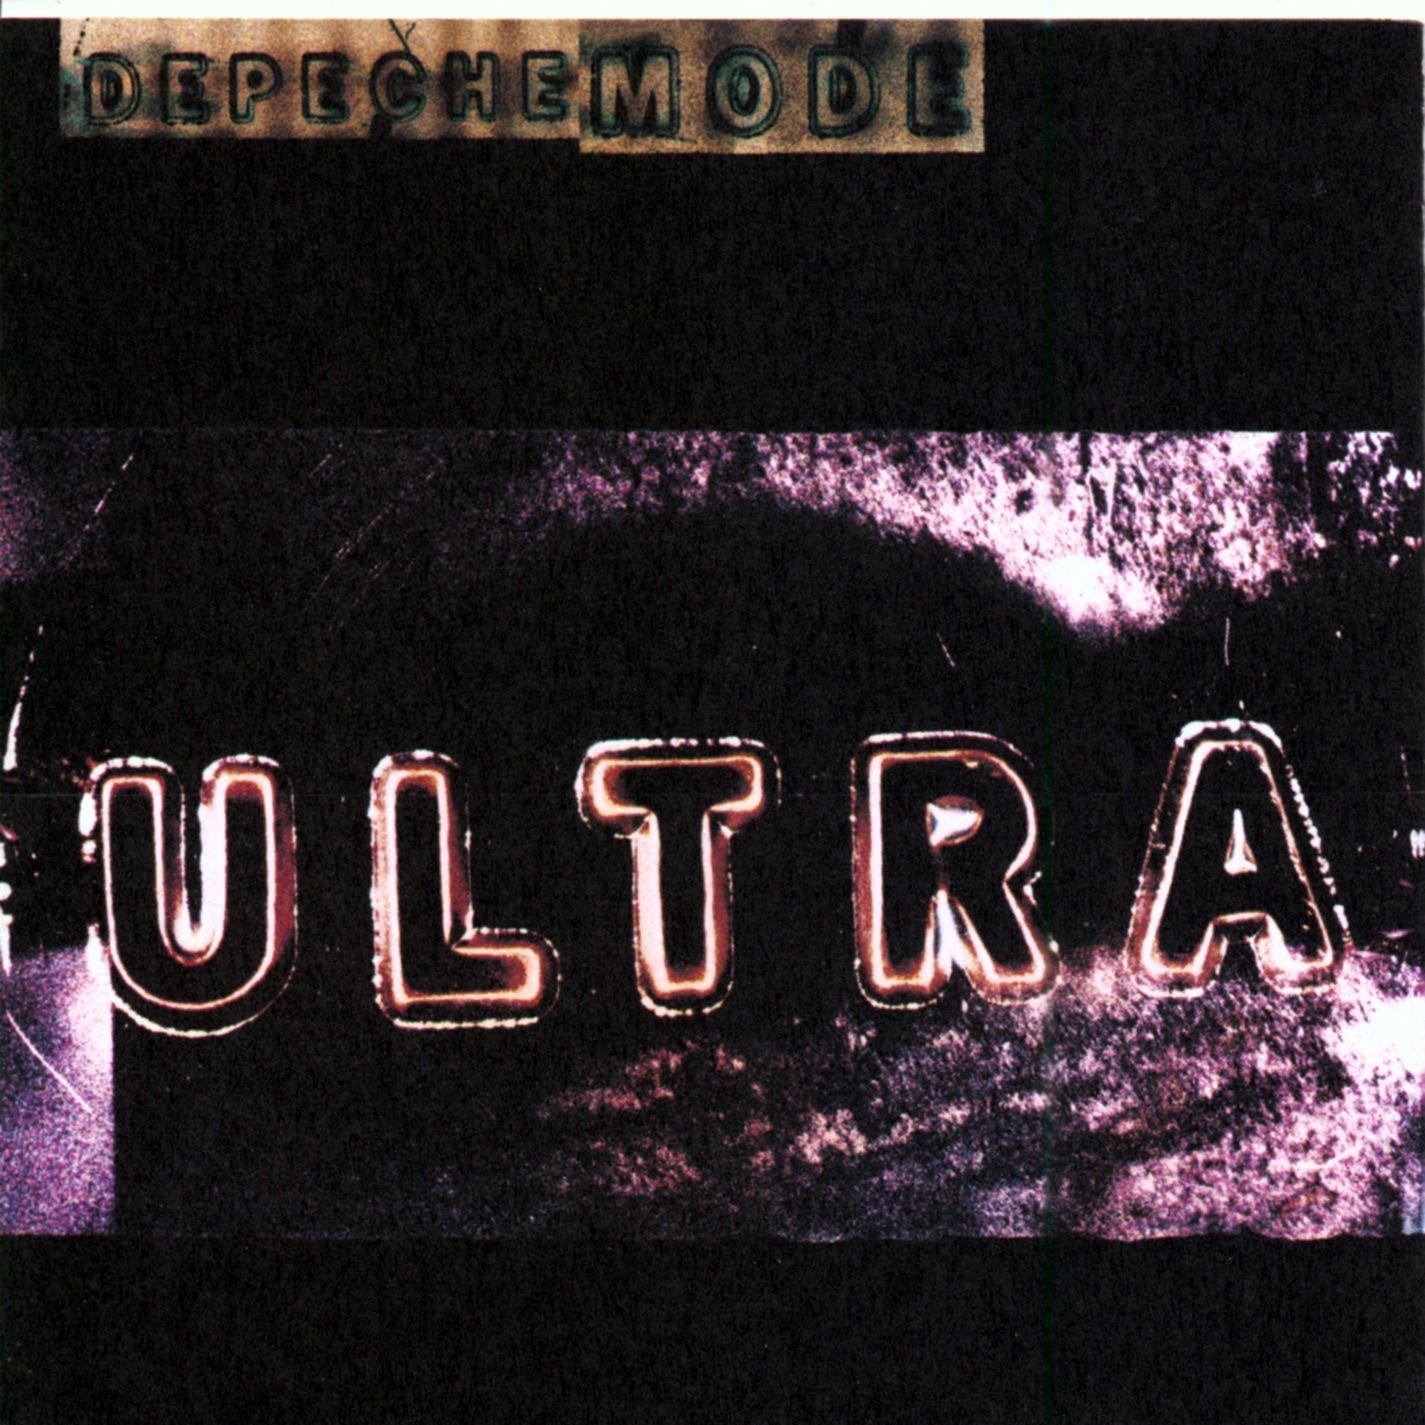 Vinilo : Depeche Mode - Ultra (180 Gram Vinyl)